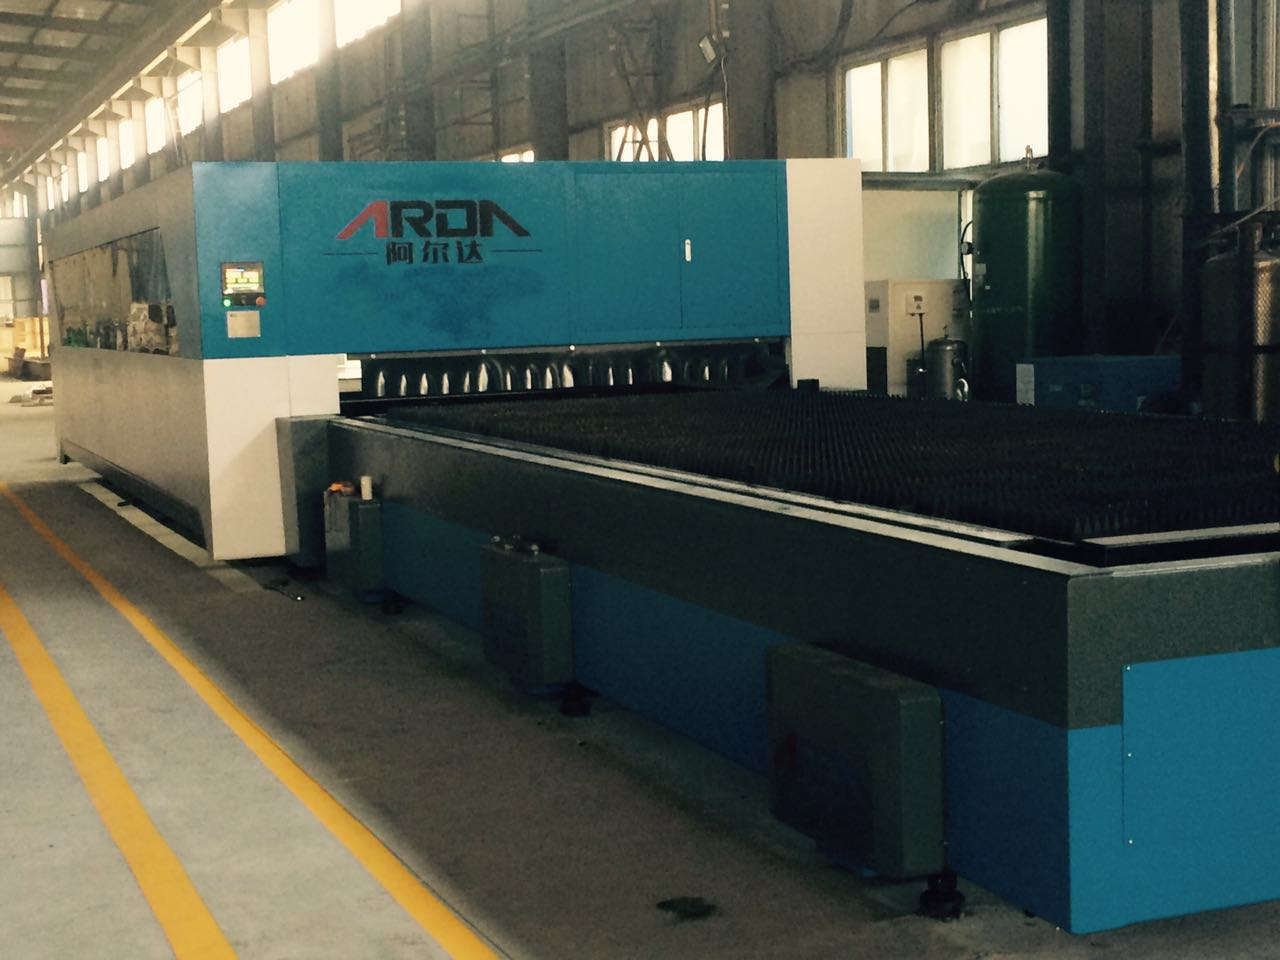 驻马店焊接加工外协_规模大的焊接加工厂就是郑州阿尔达机电设备